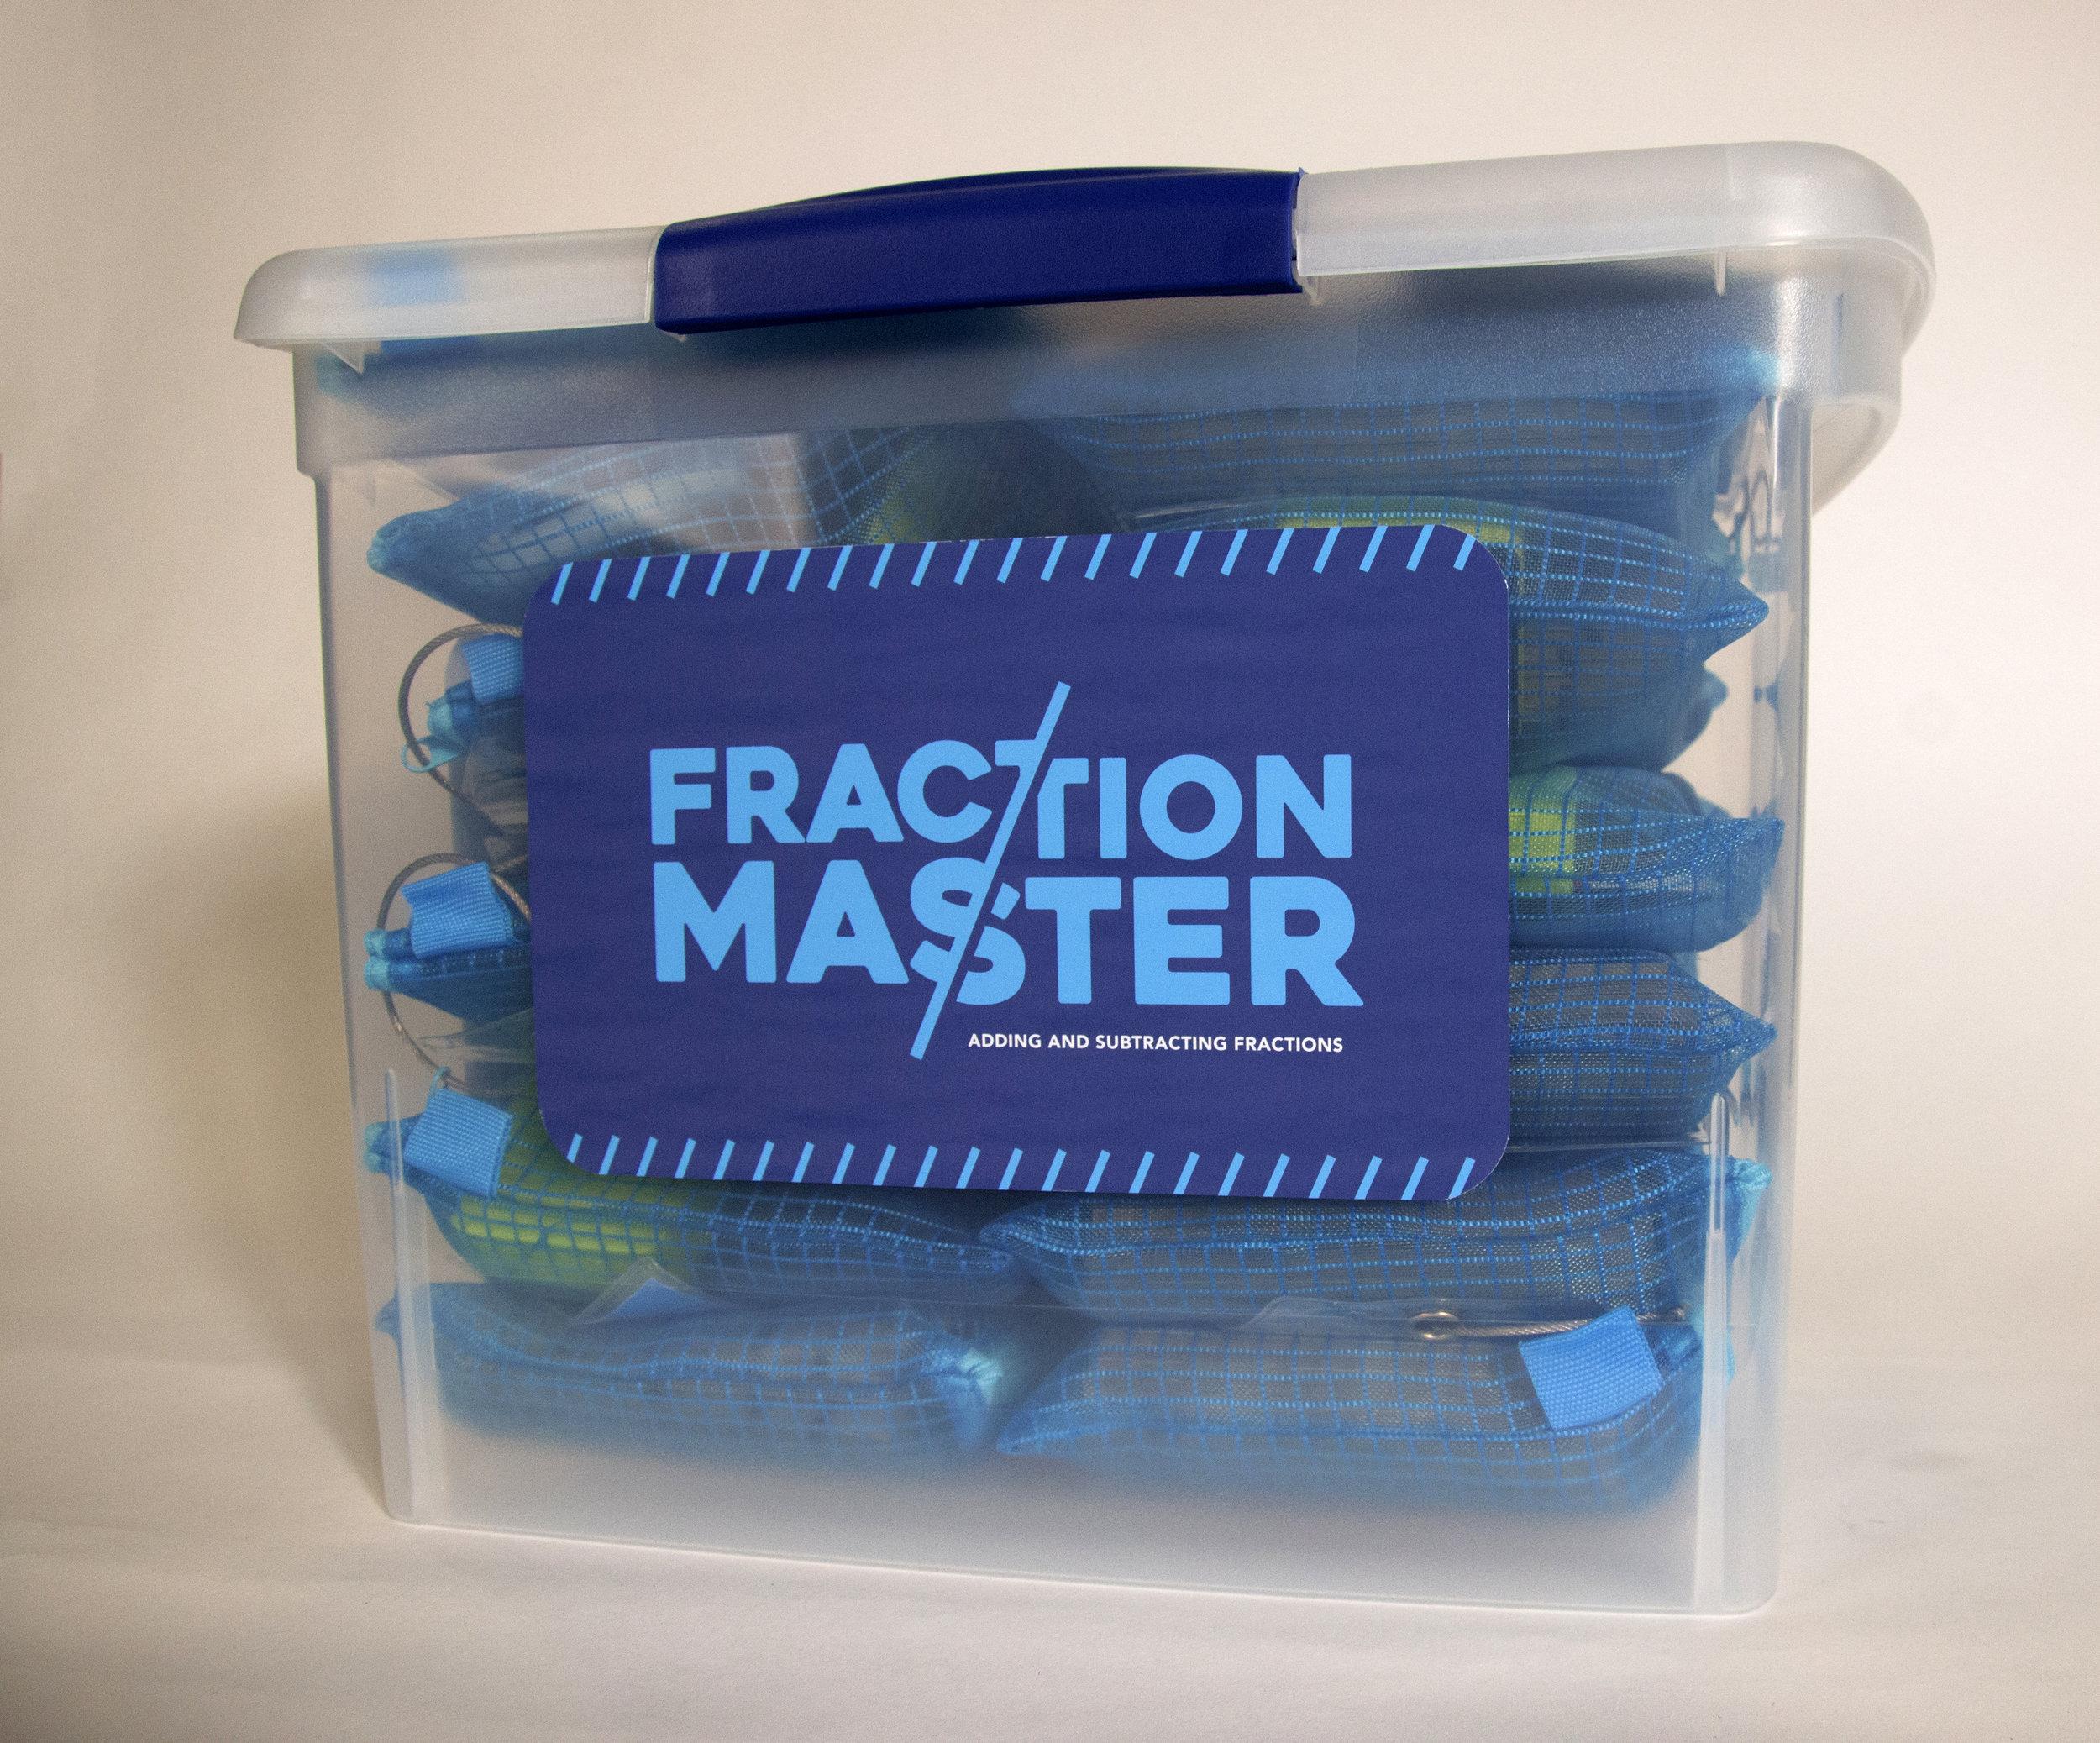 KernW_FractionMaster_1.jpg